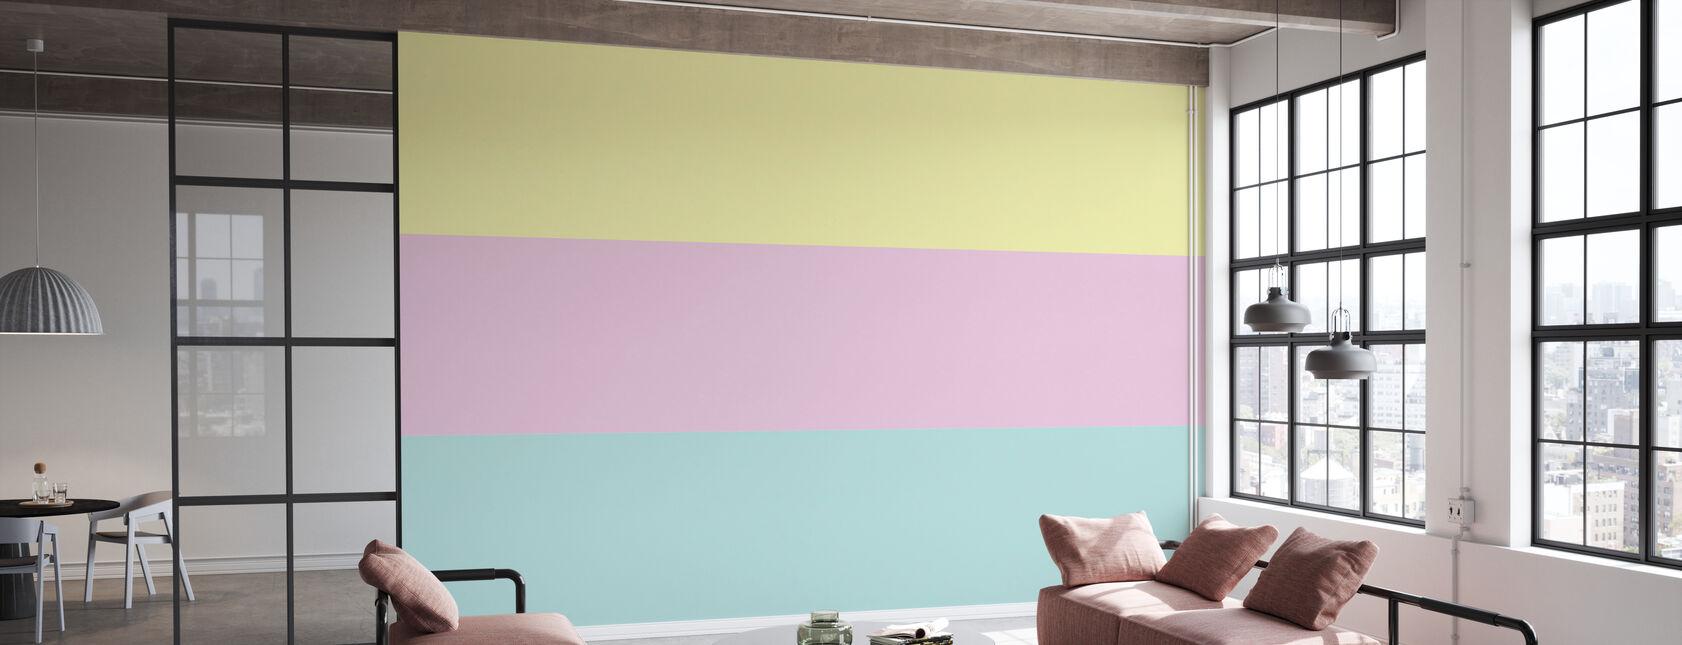 Pastell - Papier peint - Bureau